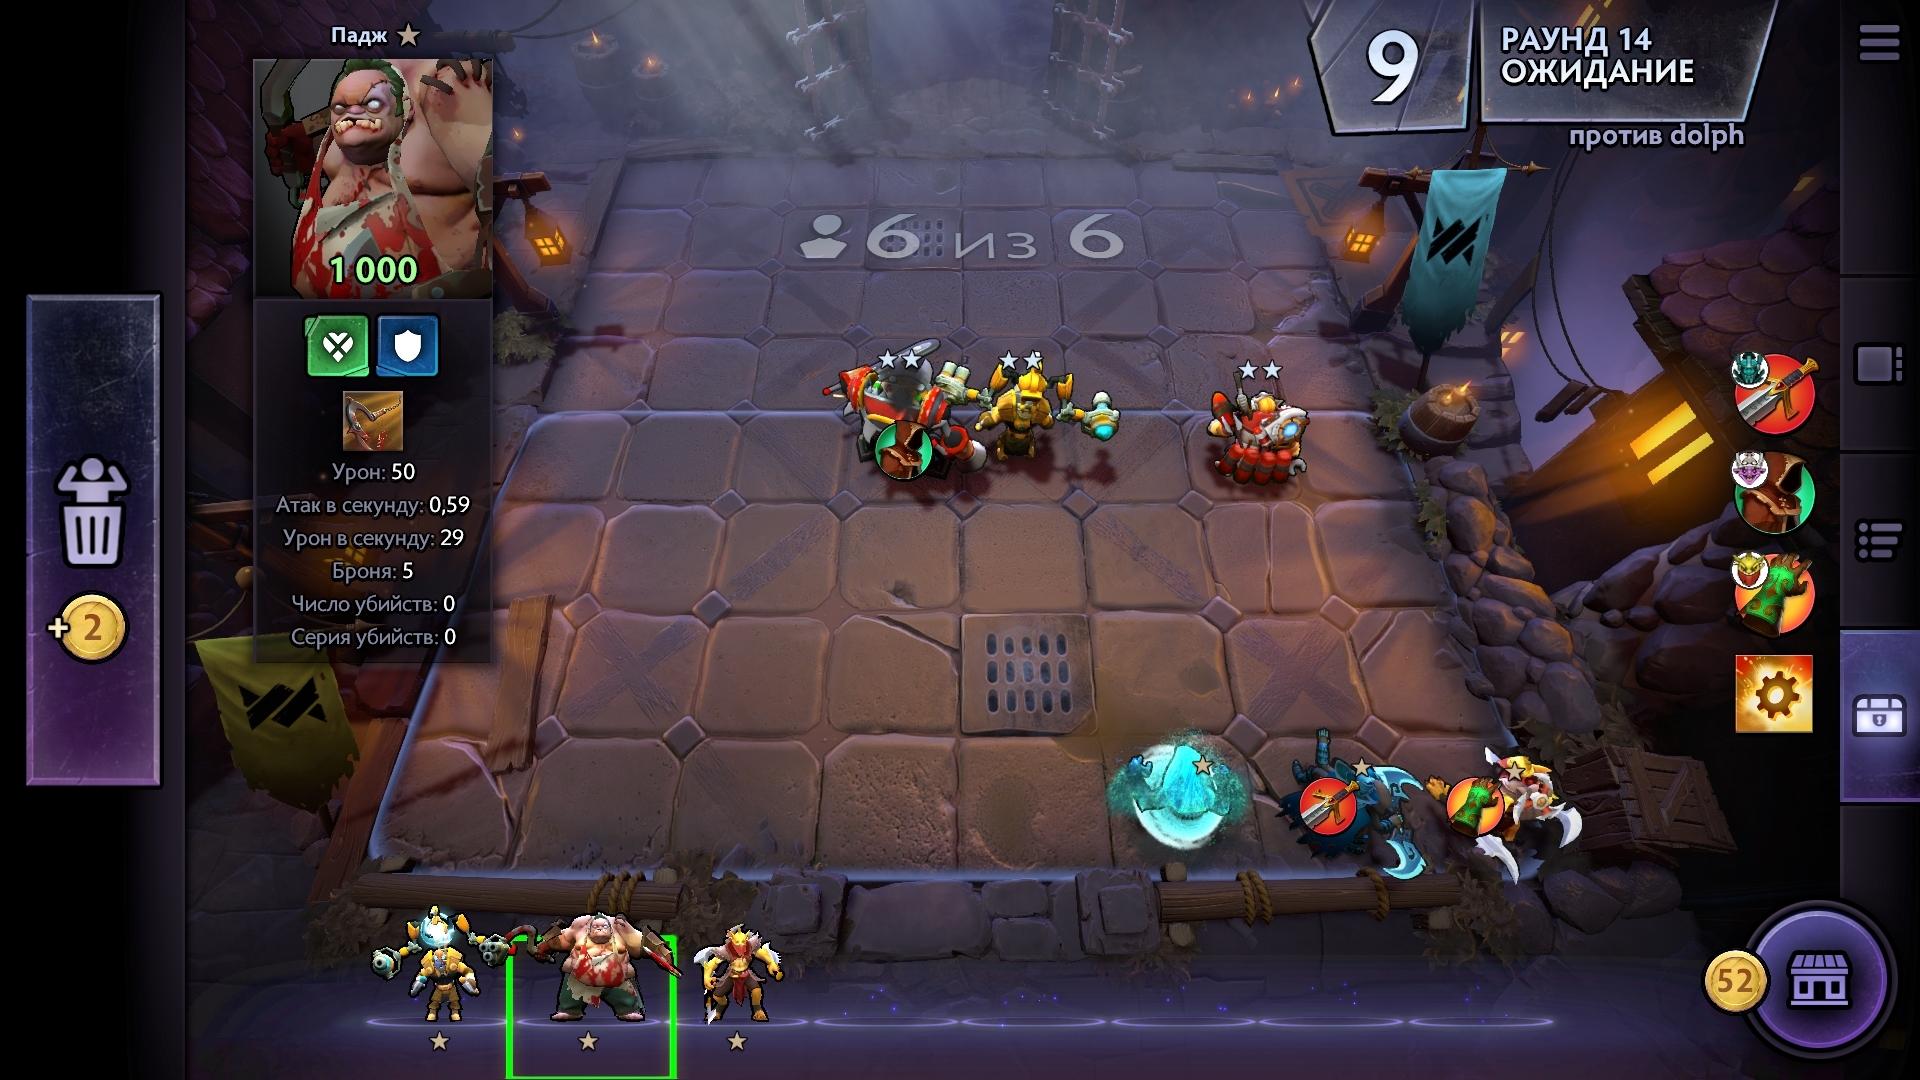 Команда Dota Underlords получает удовольствие от разработки игры